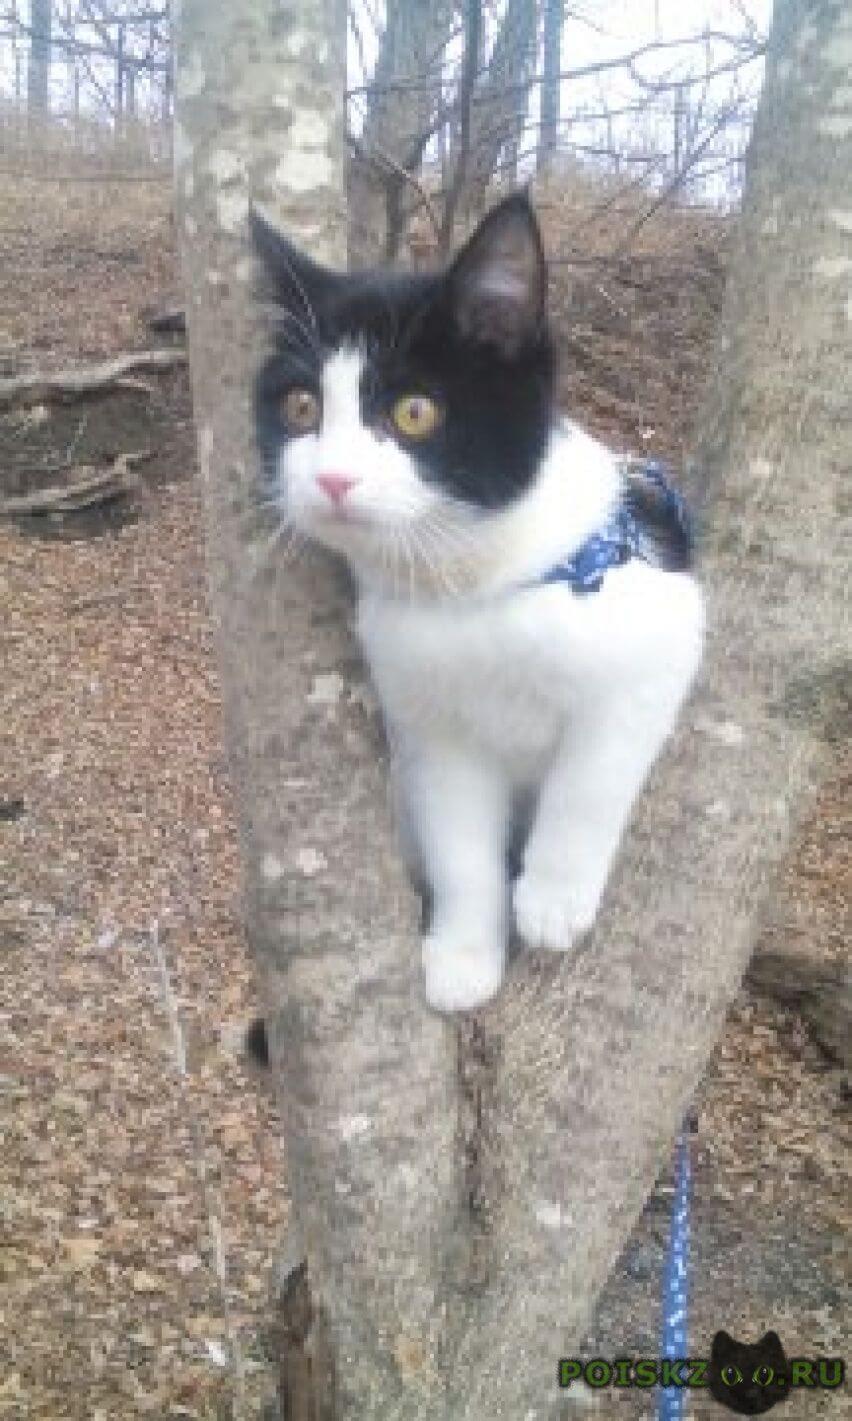 Пропал кот черно-белый на ладыгина. г.Владивосток